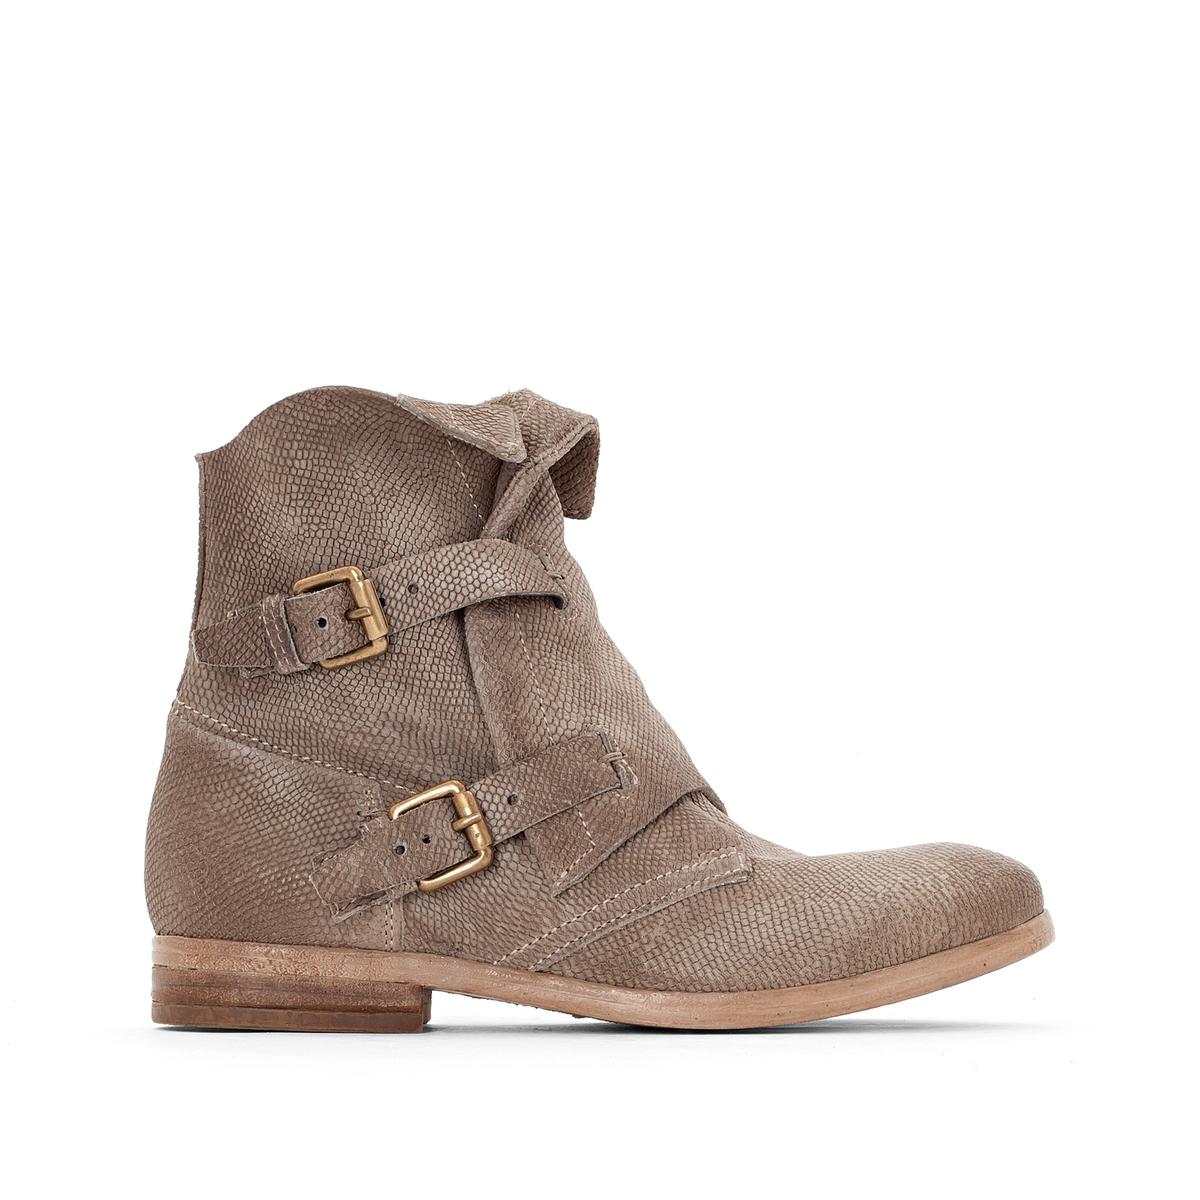 Сапоги кожаные NicoleВерх/Голенище: кожа.  Подкладка: кожа.  Стелька: кожа.  Подошва: резина.Высота каблука: 2 см.Форма каблука: плоский каблук.Мысок: закругленный.Застежка: на молнию.<br><br>Цвет: серо-коричневый<br>Размер: 37